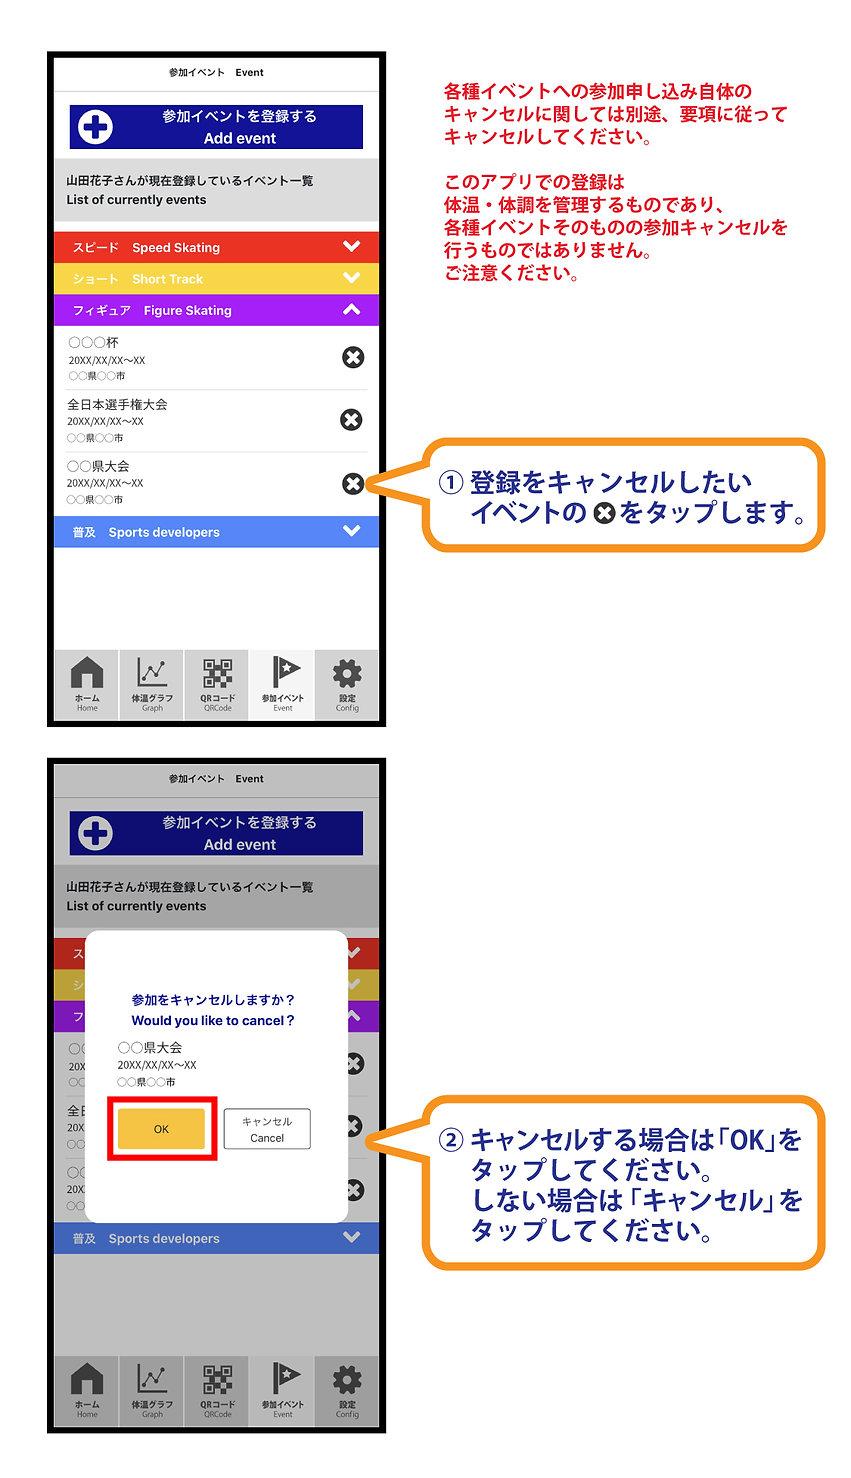 12_参加キャンセル.jpg